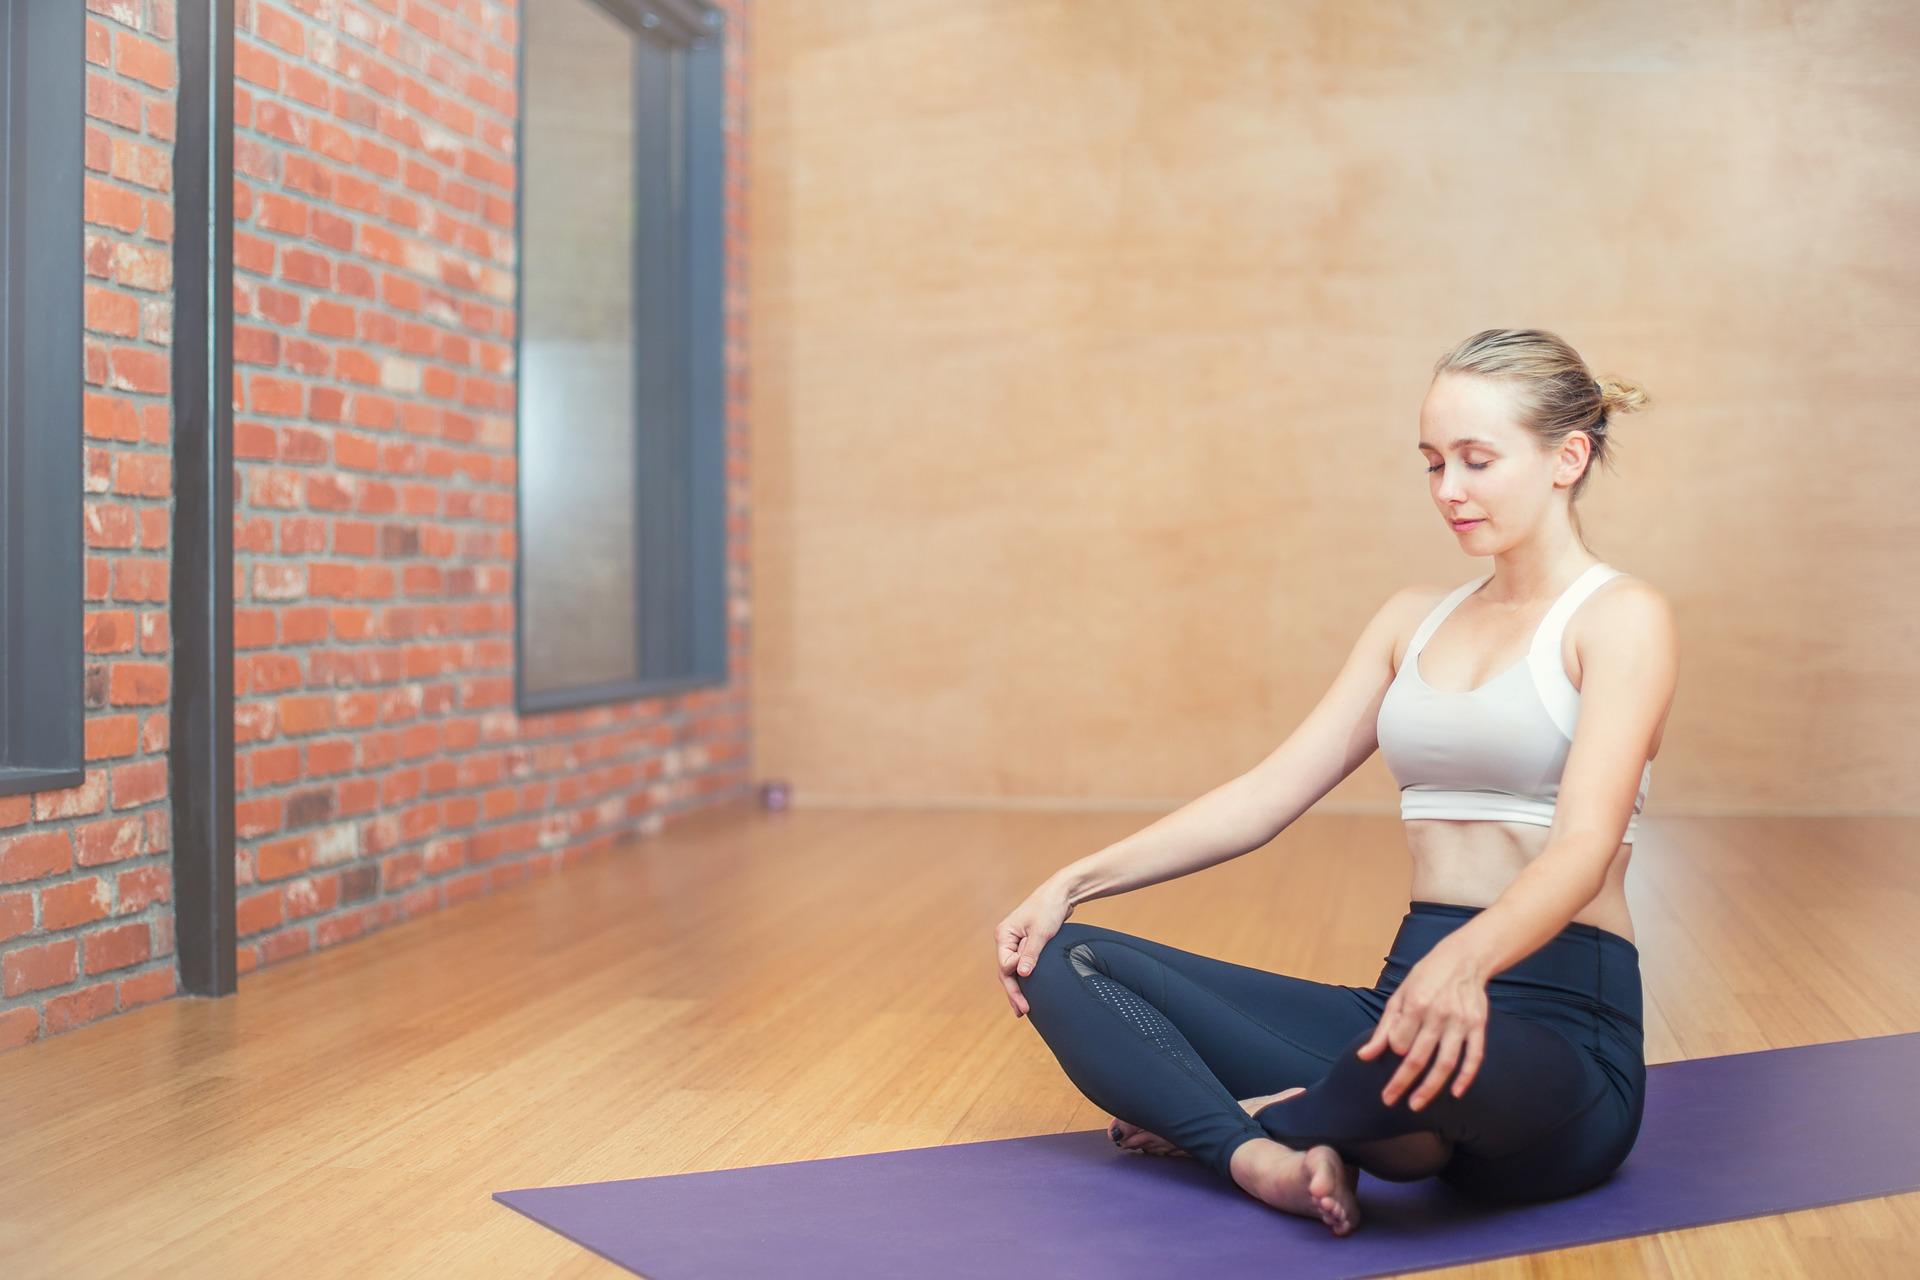 Yoga Übungen - Die Sportart gegen Stress